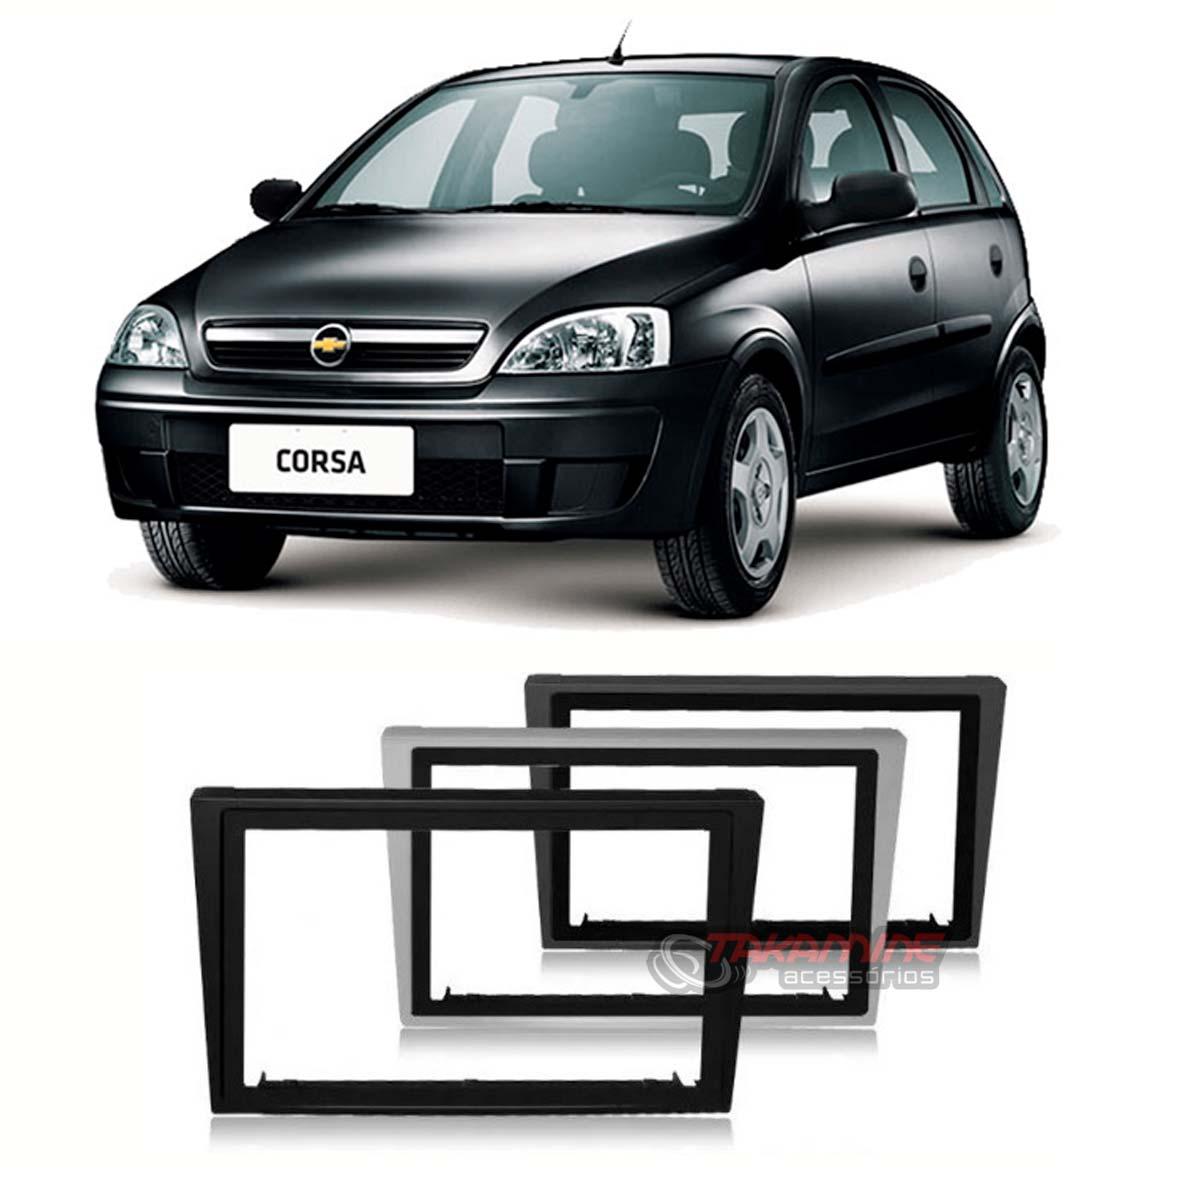 Moldura 2 Din Corsa 2002 até 2010 prata, preta ou cinza c/suporte padrão chinês / japonês